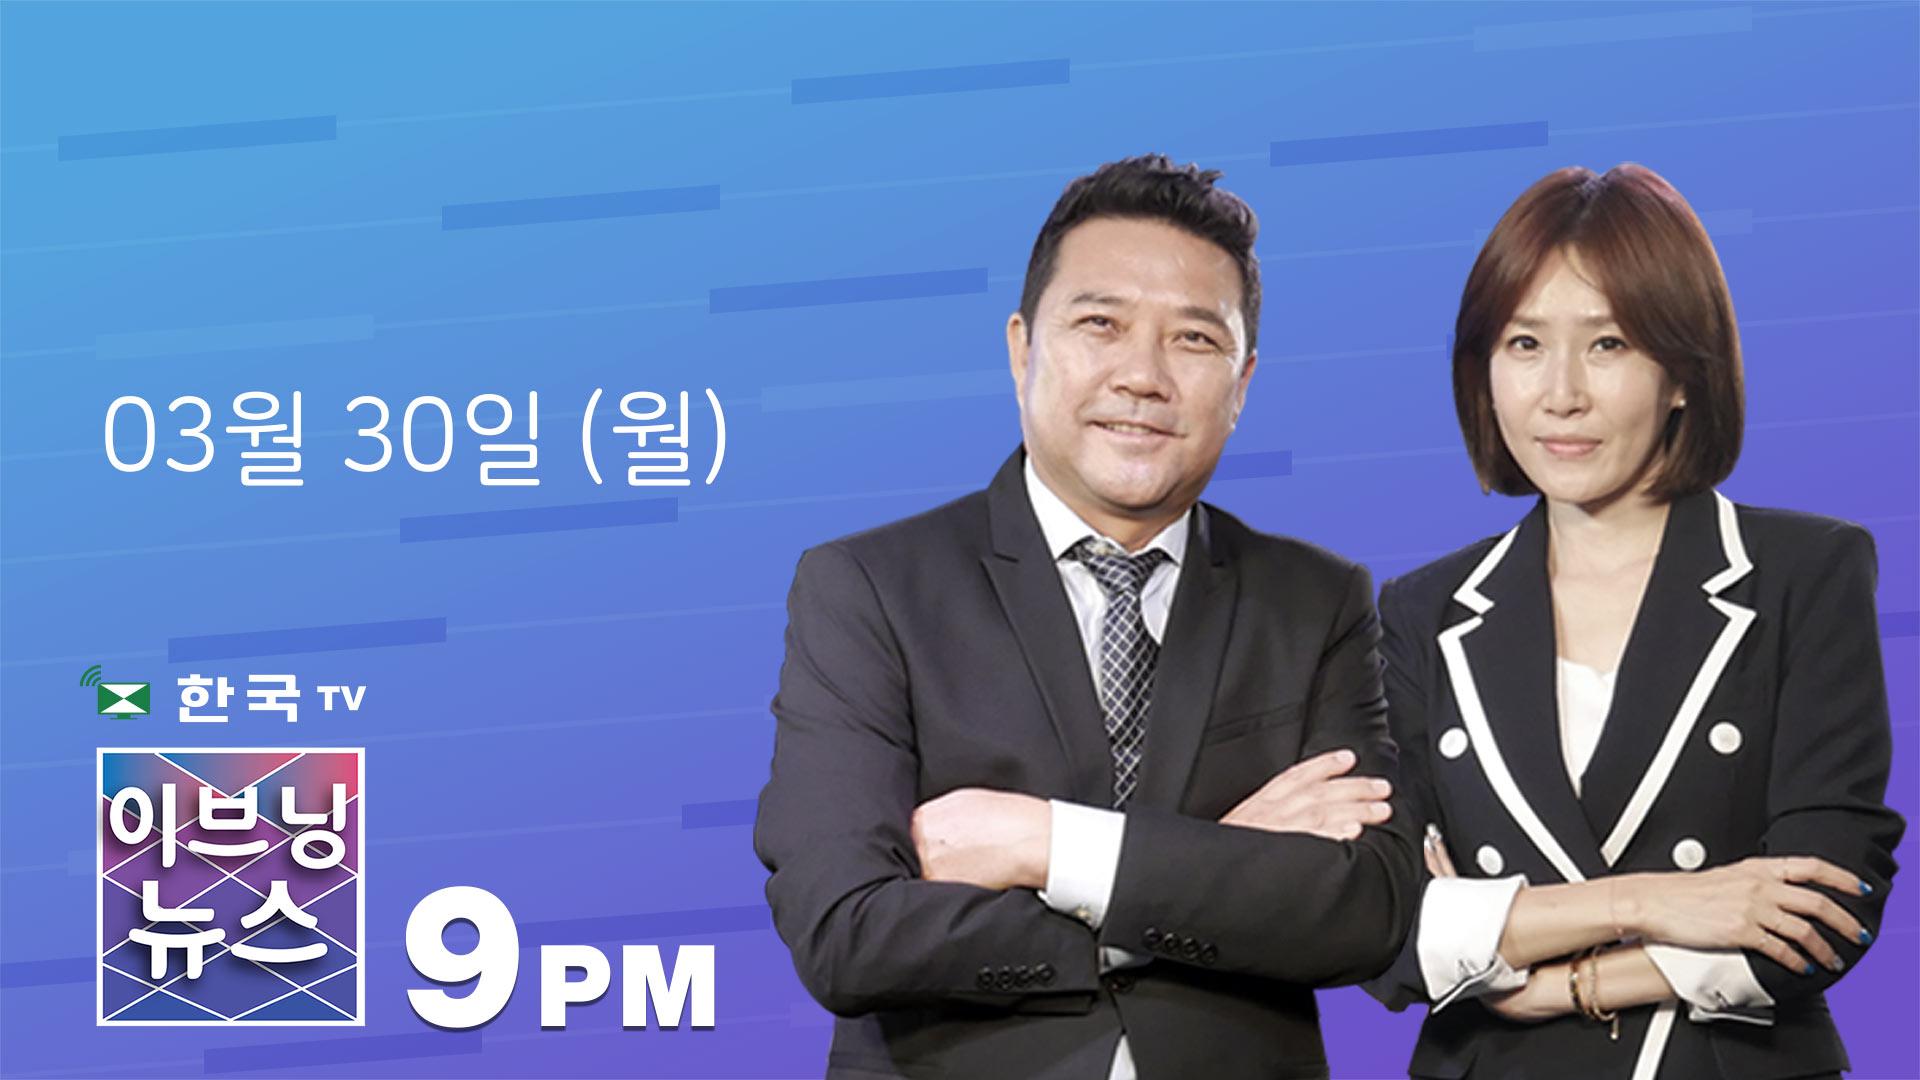 (03.30.2020) 한국TV 이브닝 뉴스